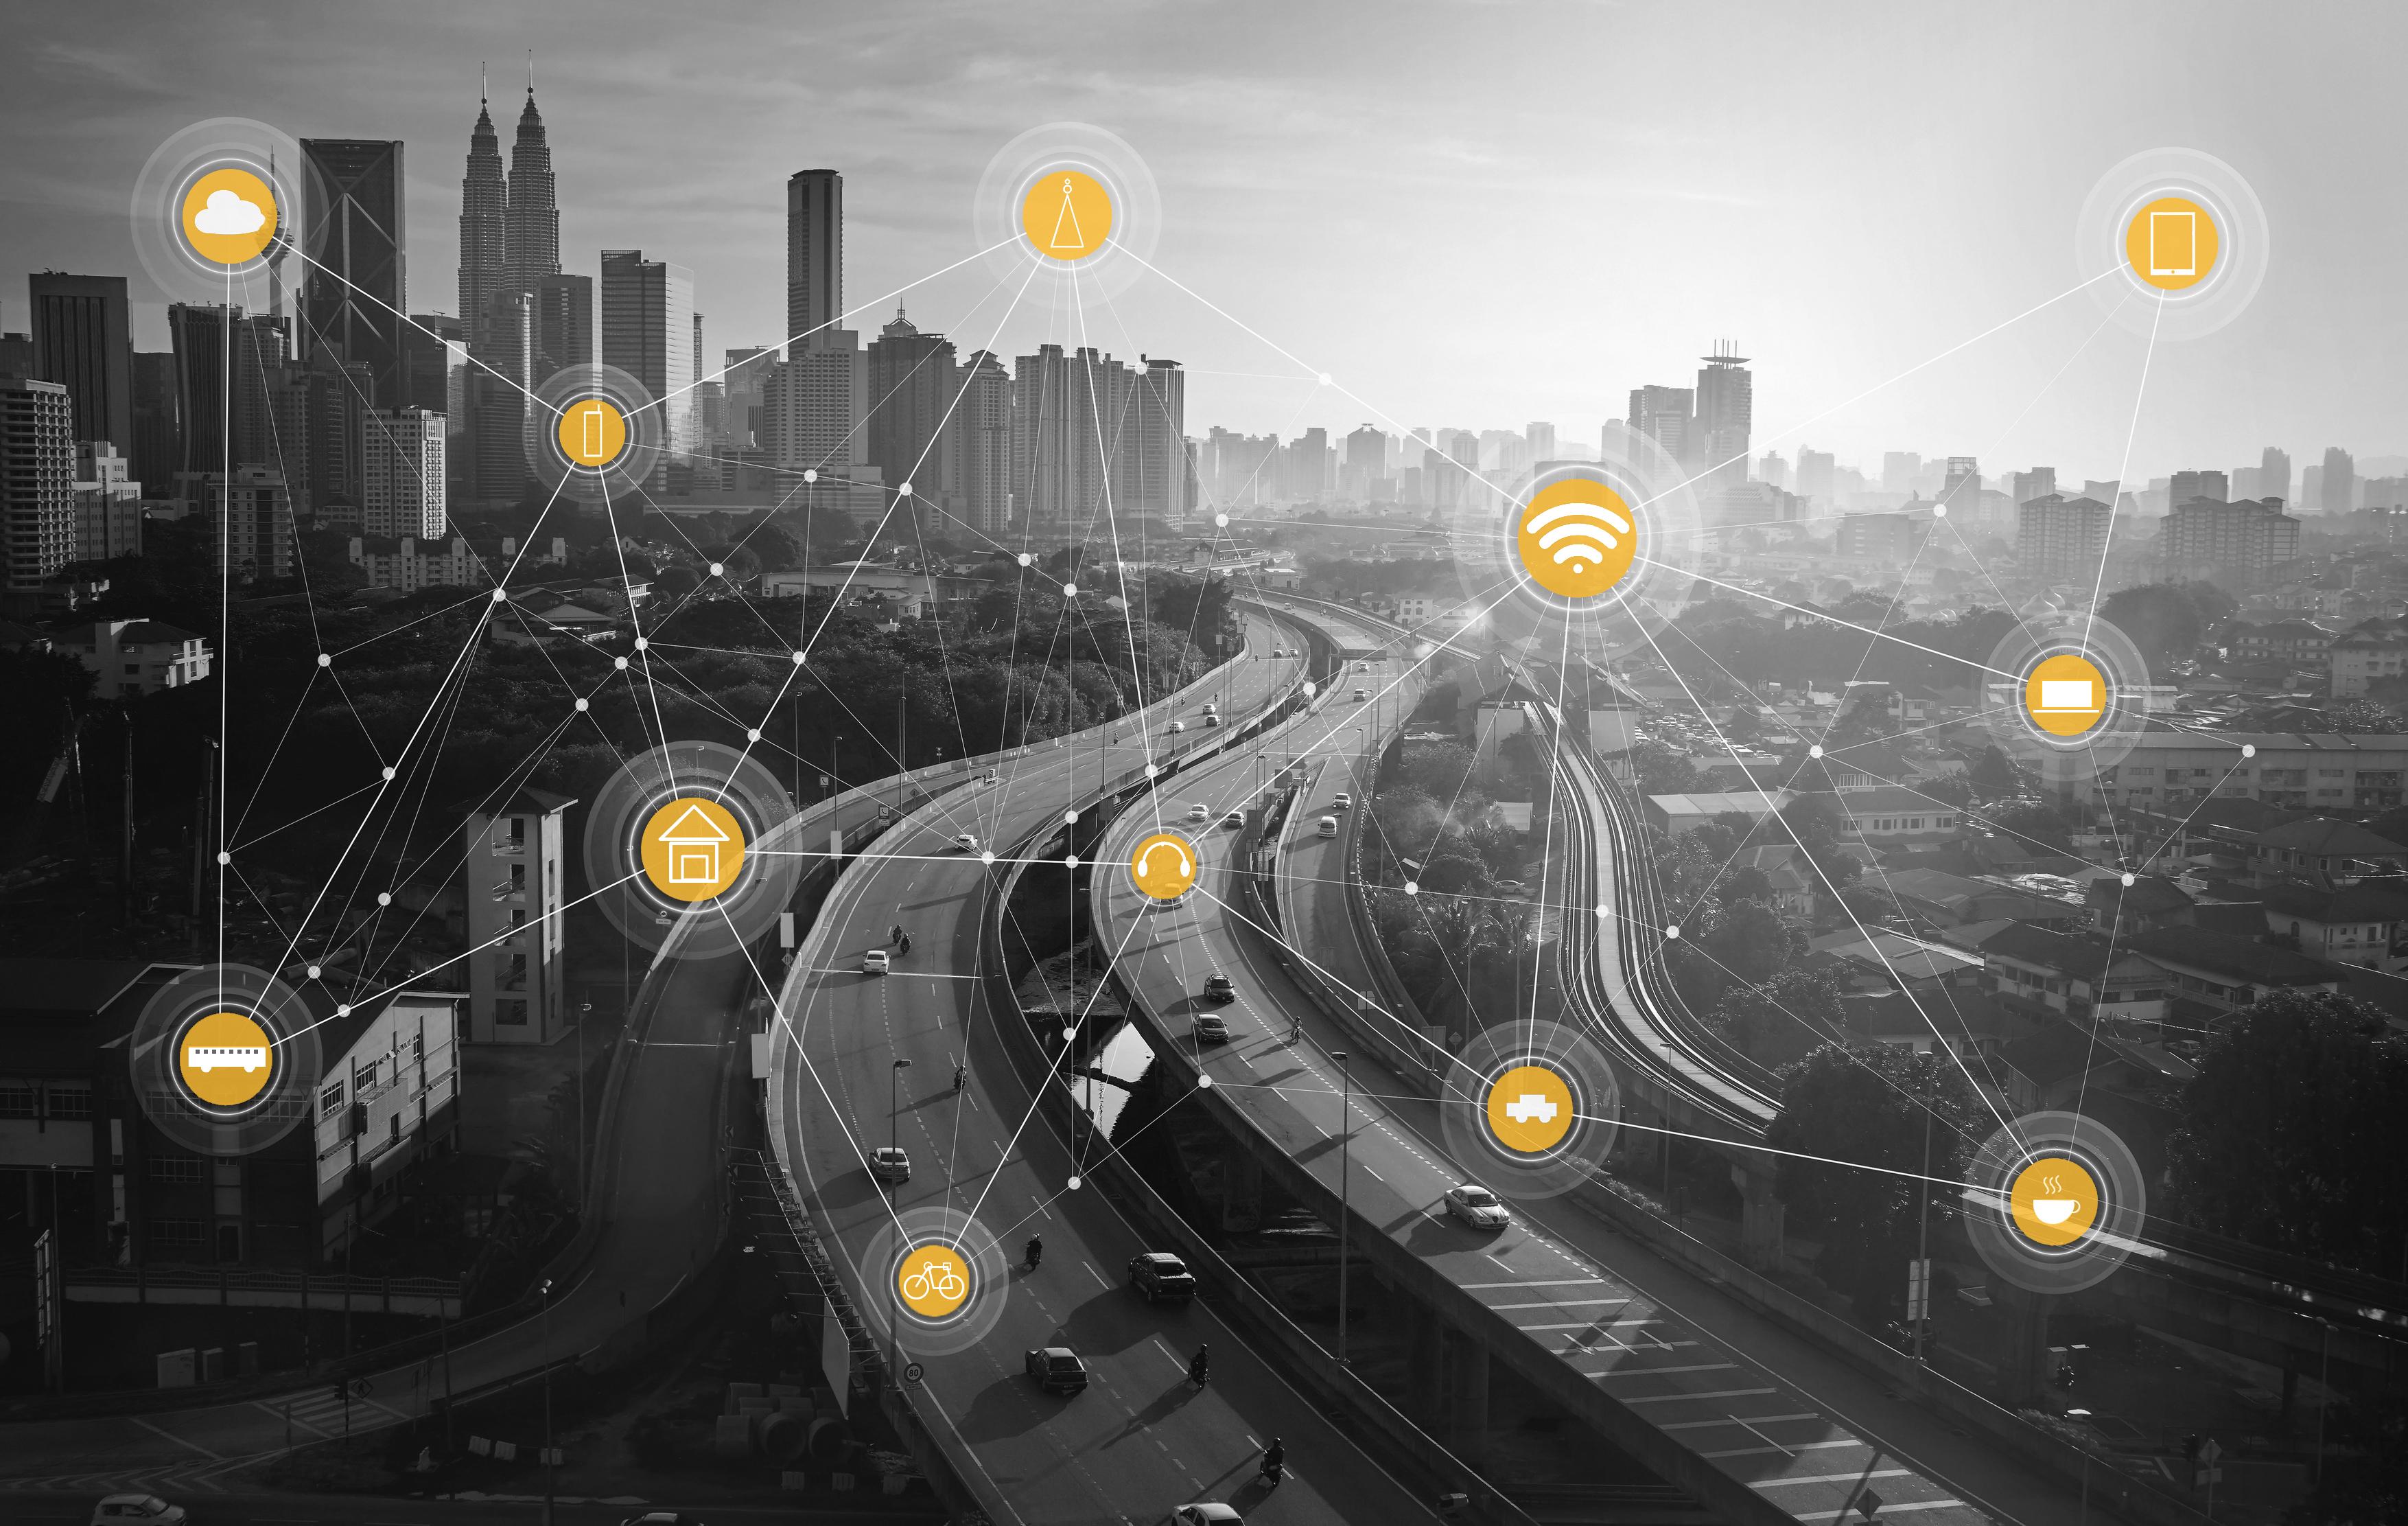 IoT-Technologien - überall vernetzt sein